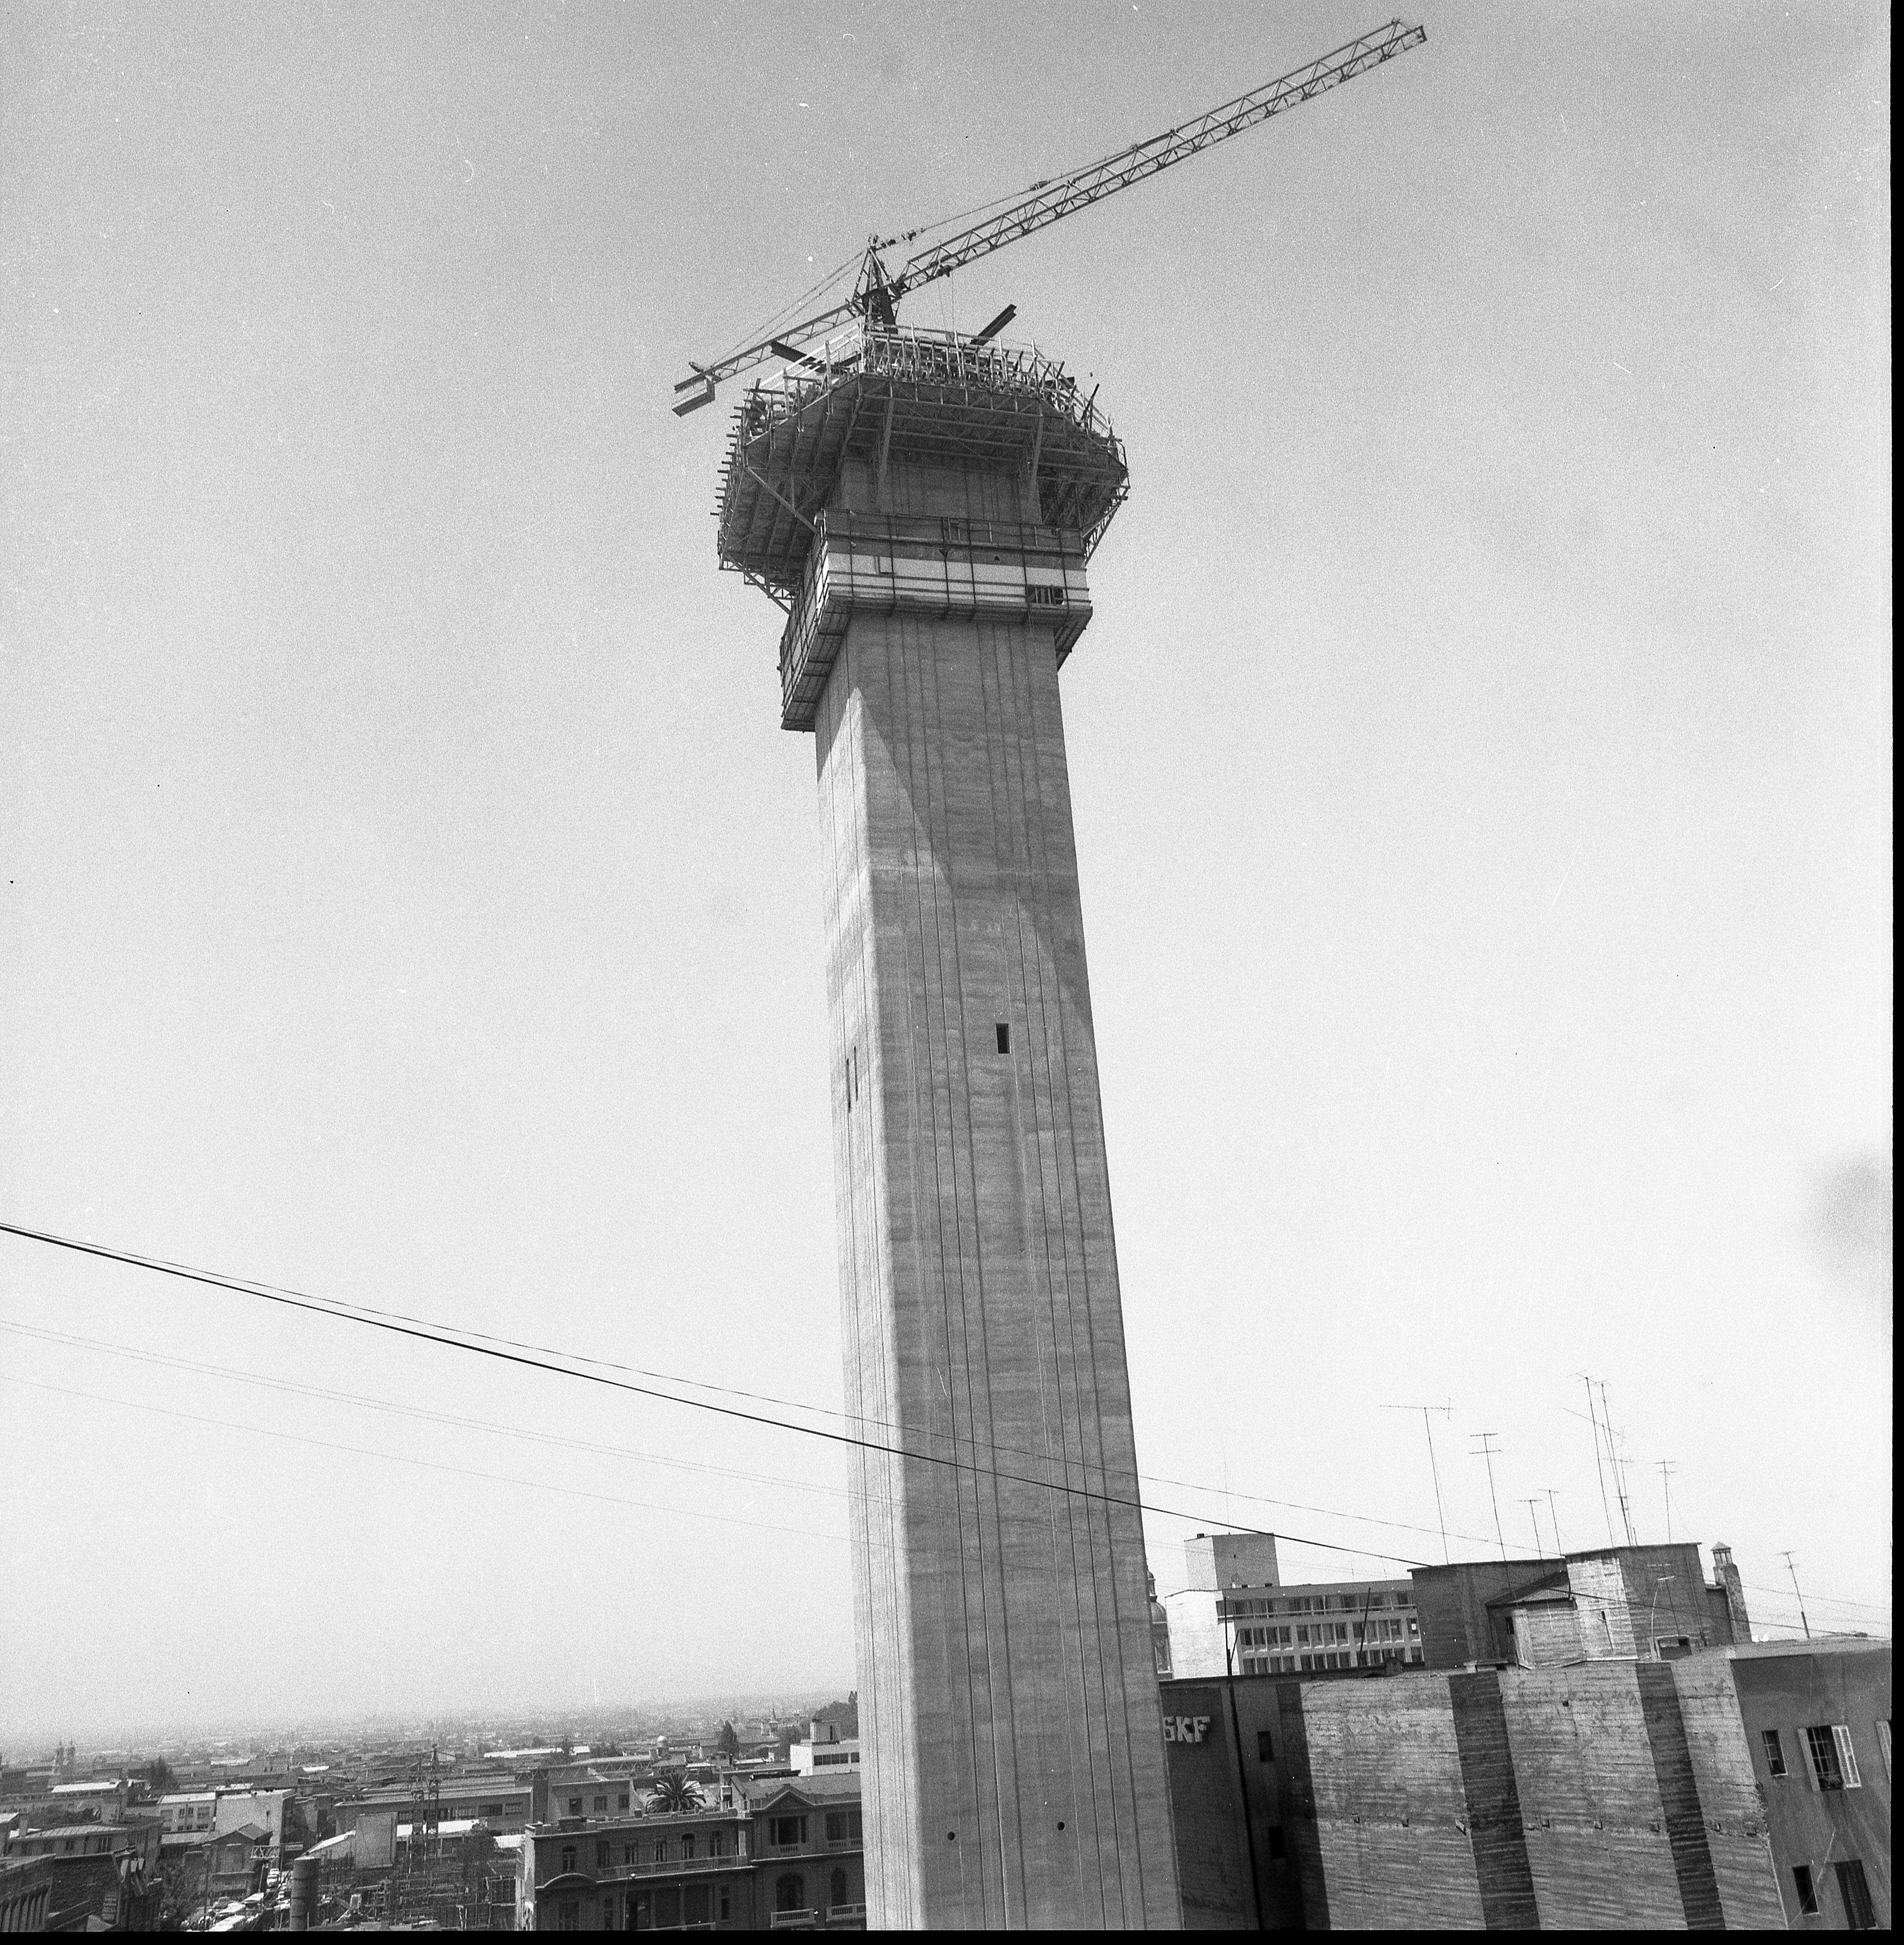 Enterreno - Fotos históricas de chile - fotos antiguas de Chile - Construcción de la Torre Entel en 1972